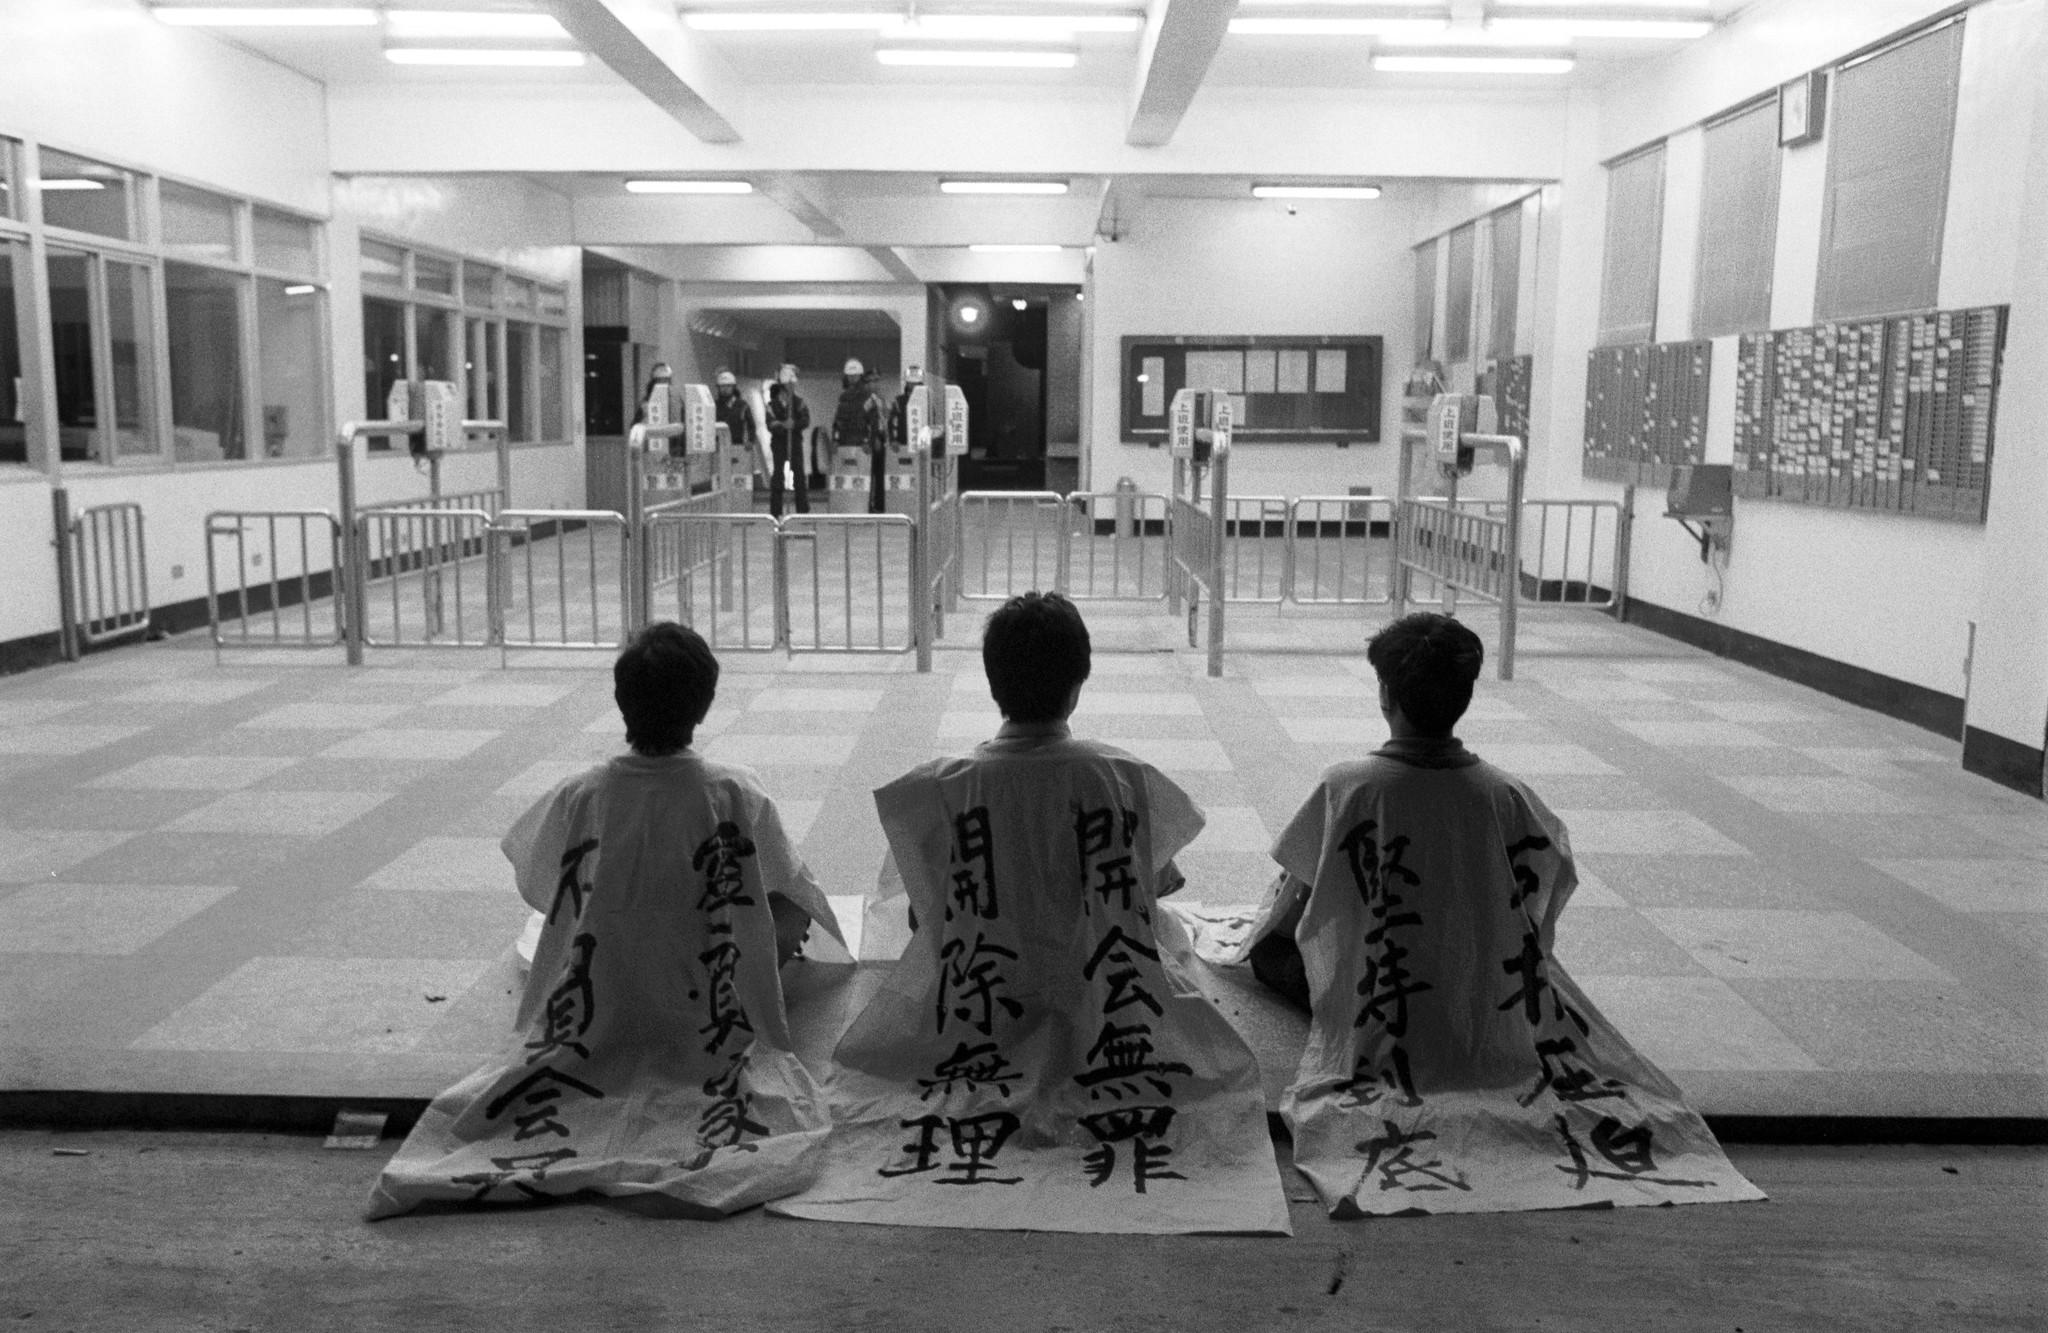 1989年5月,由羅美文、曾國煤、徐振坤在遠化工會的帶領下,發動的台灣戰後第一場罷工運動。(攝影:蔡明德)